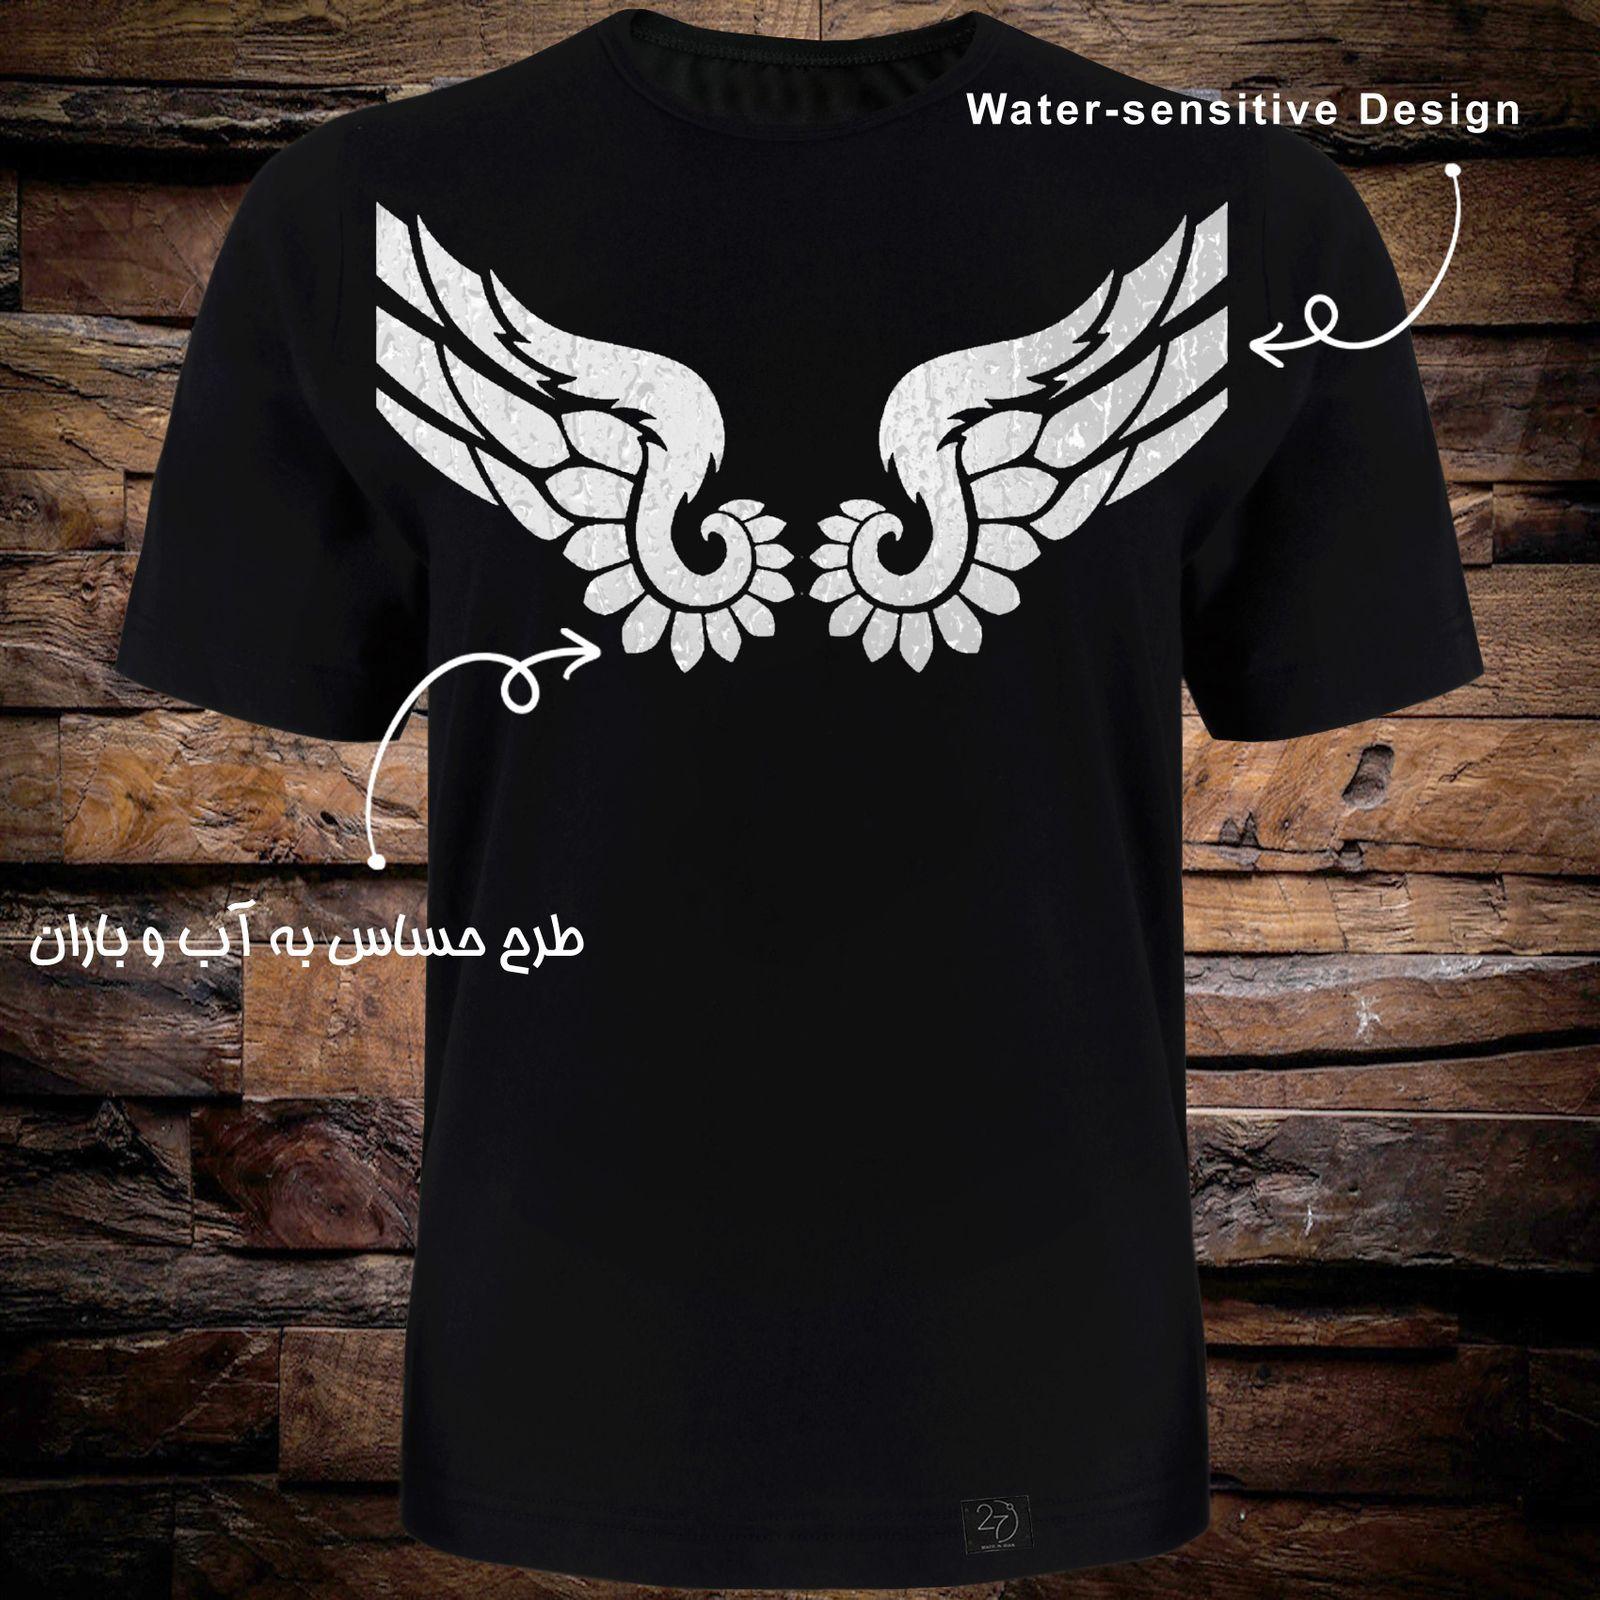 تی شرت آستین کوتاه مردانه 27 طرح بال کد TR09 رنگ مشکی -  - 1